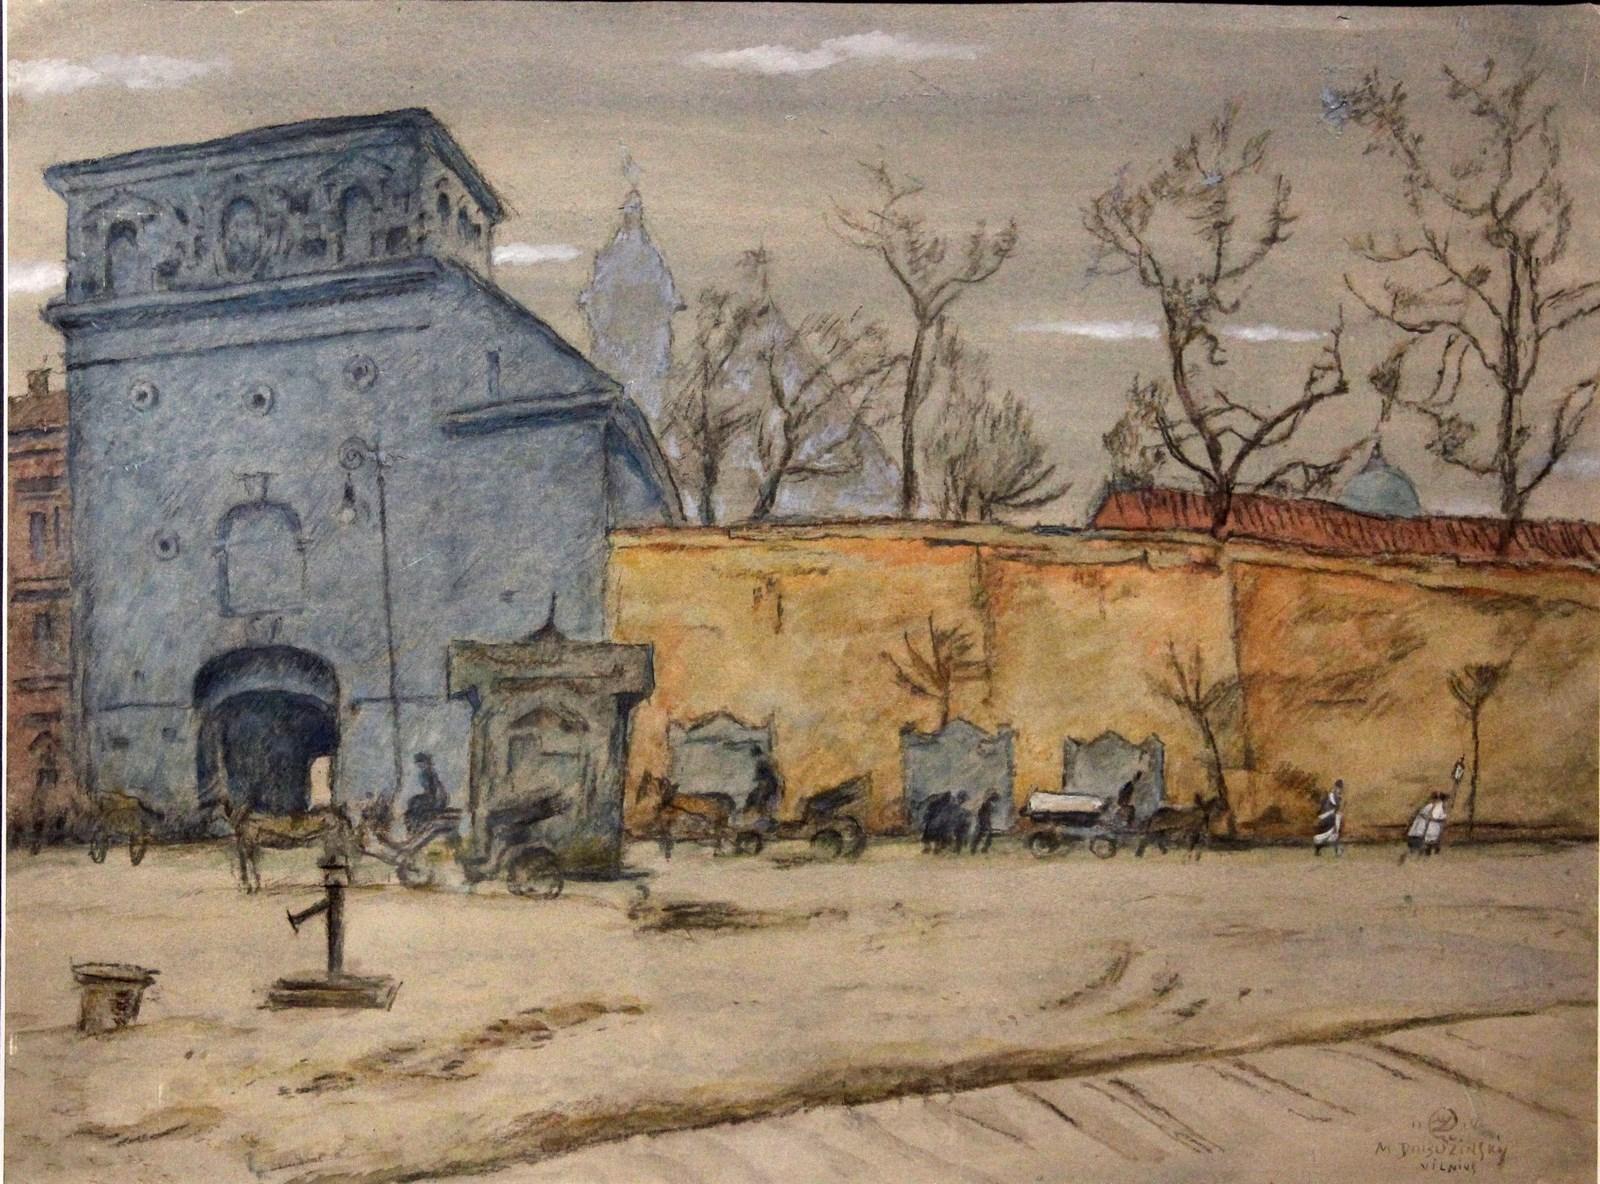 Добужинский М.В. 1875-1957 Вильно (Вильнюс). 1914 Бумага, смешанная техника Из частной коллекции (Минск)